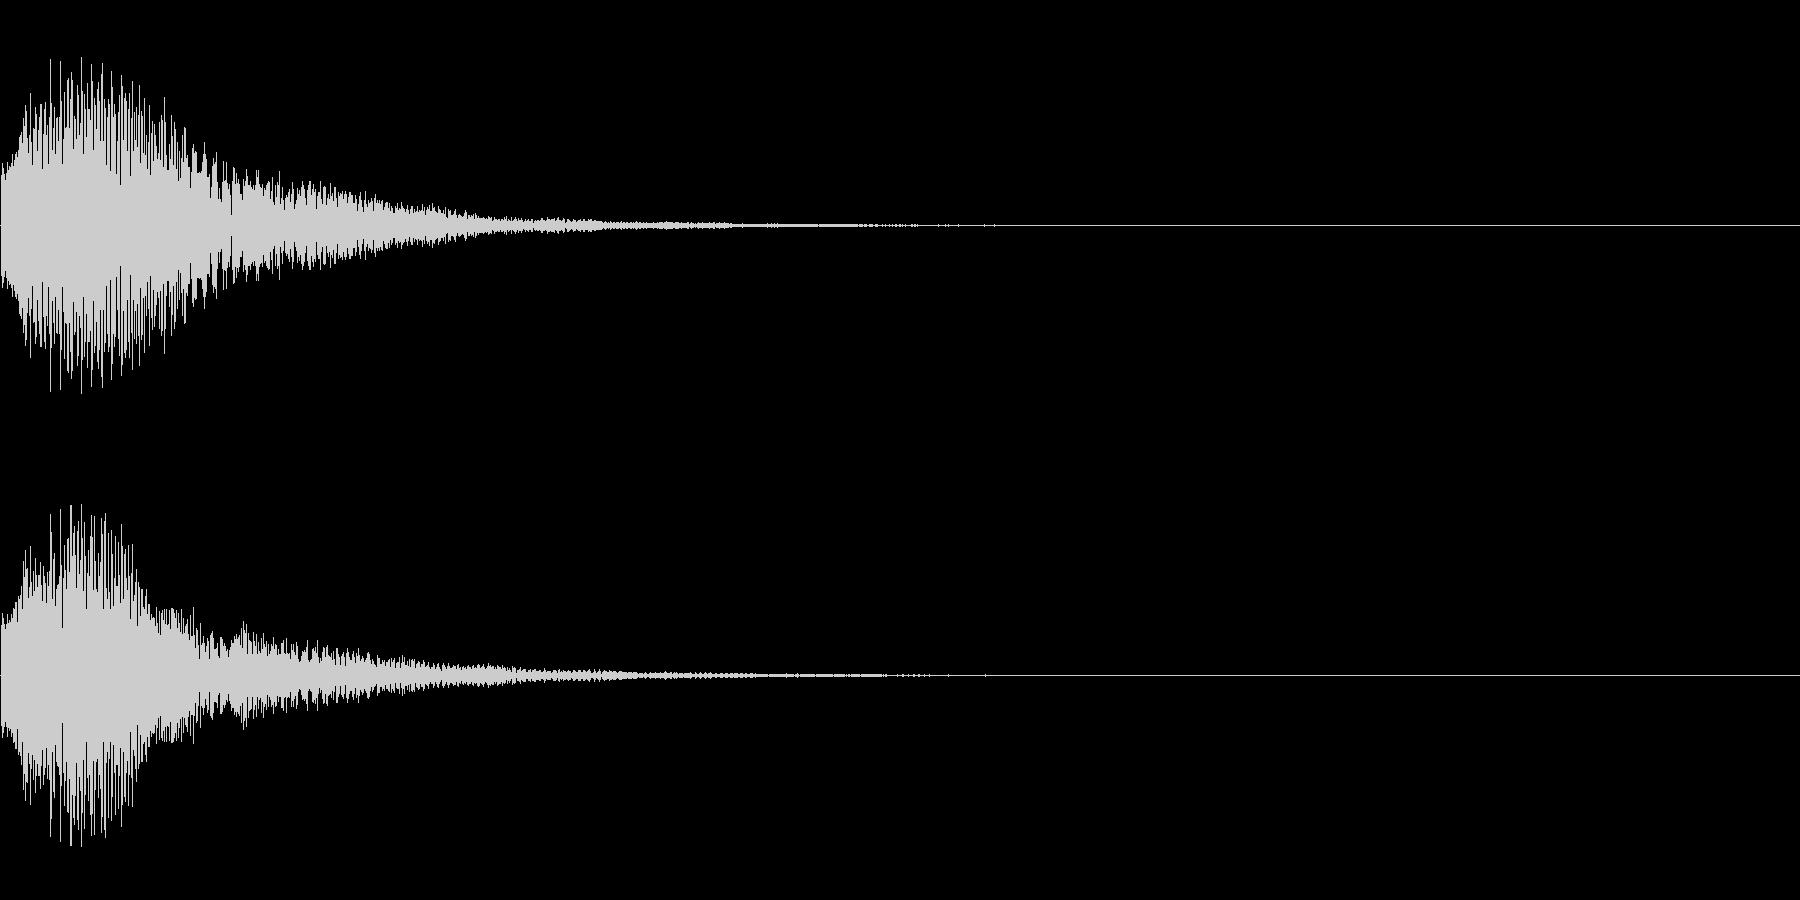 カララン(シーンの転換、ページめくり用)の未再生の波形